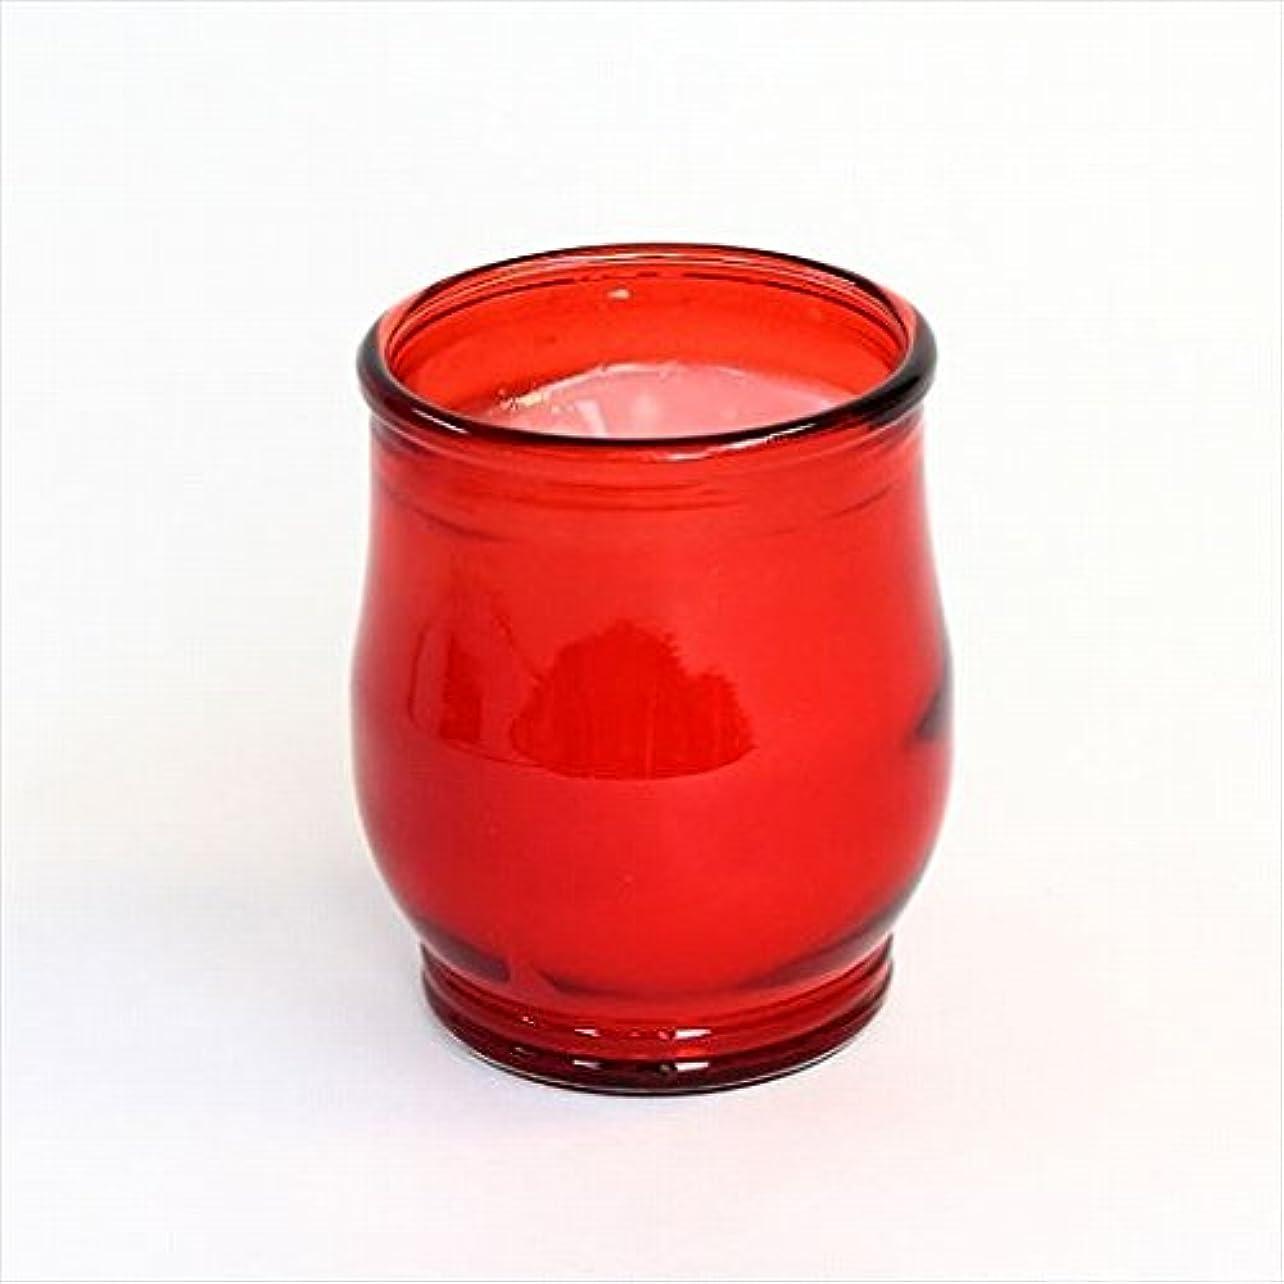 特異な怠けたよりカメヤマキャンドル(kameyama candle) ポシェ(非常用コップローソク) 「 レッド 」